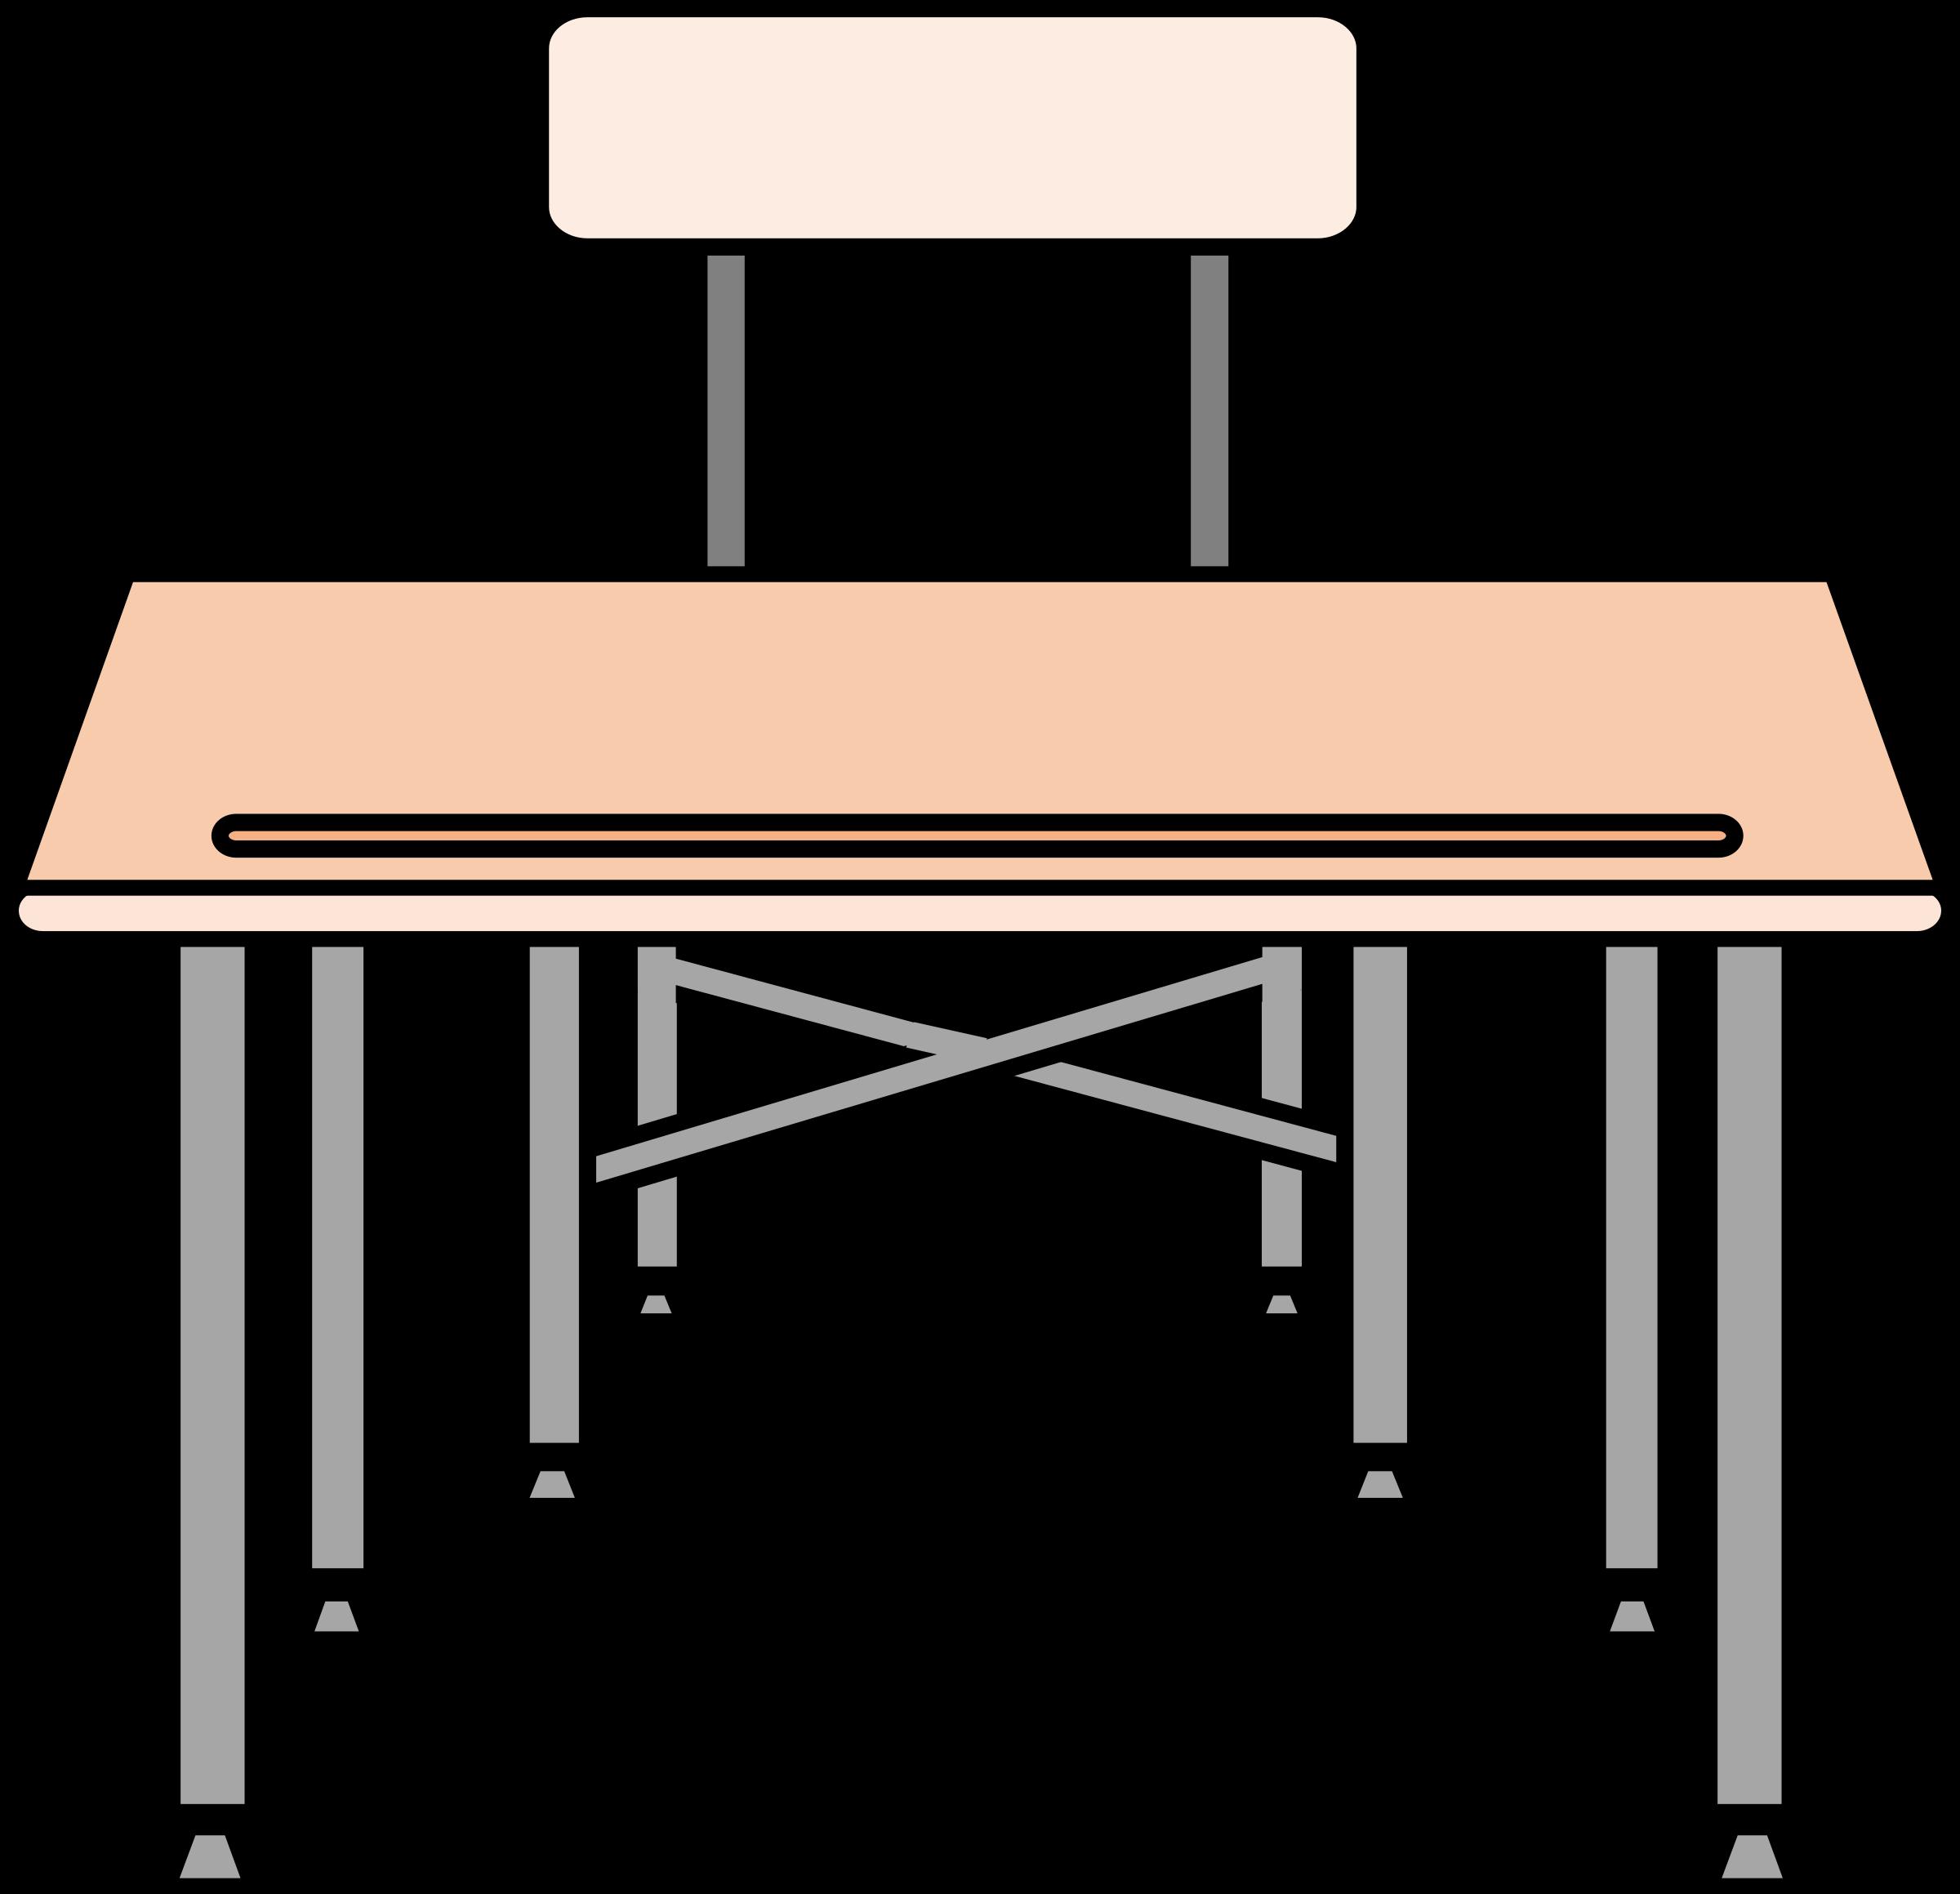 Desk clipart transparent Desk desk An empty empty